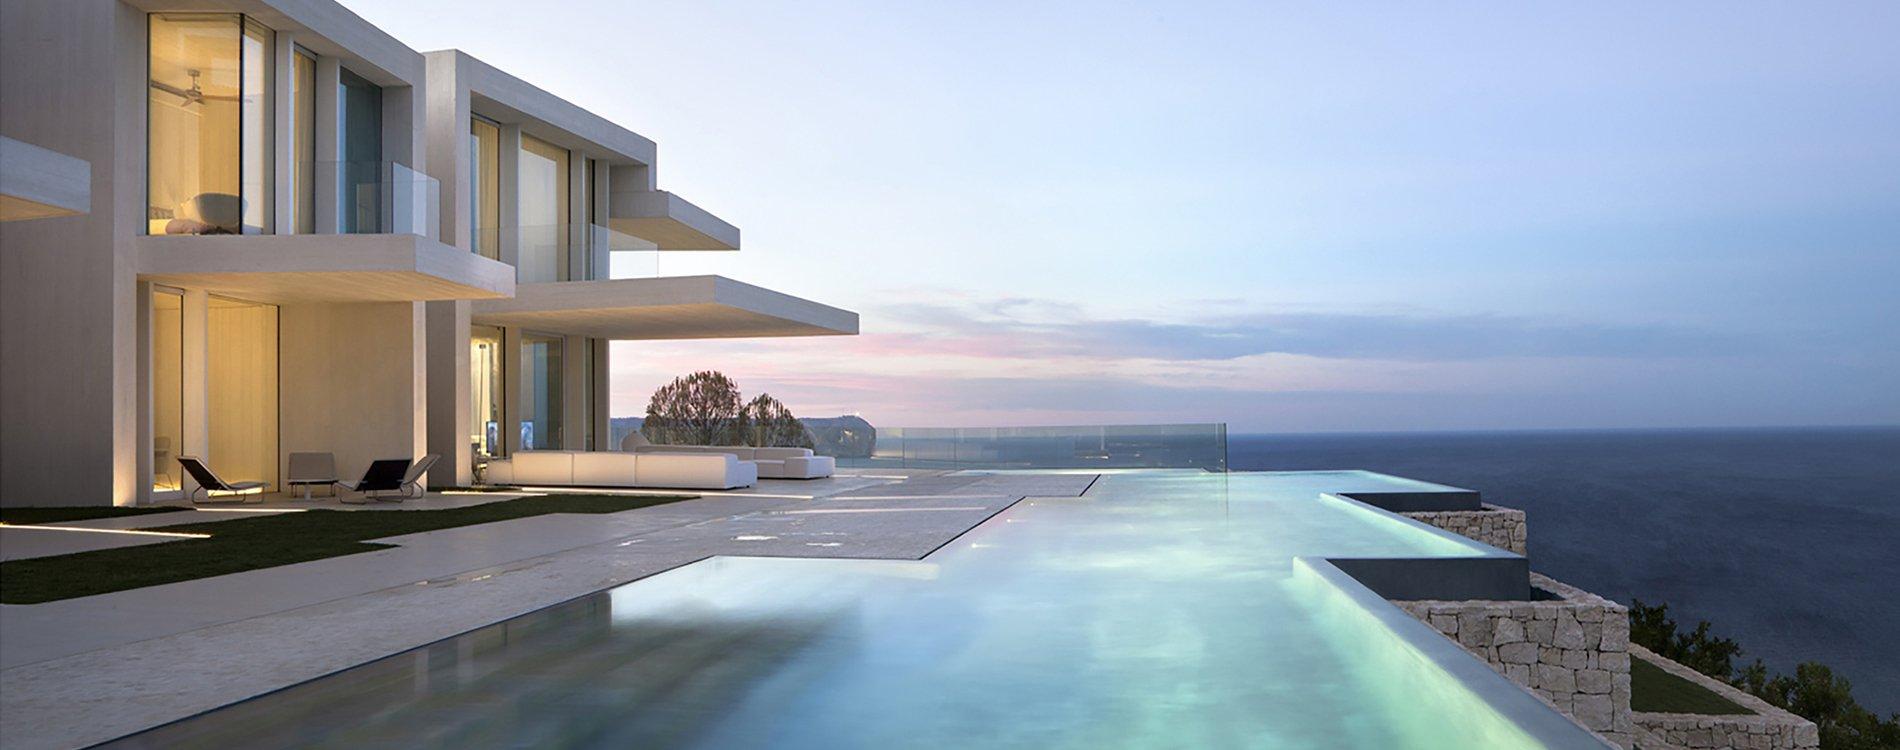 Casa sardinera la casa de cristal con incre bles vistas - Casa sardinera ...